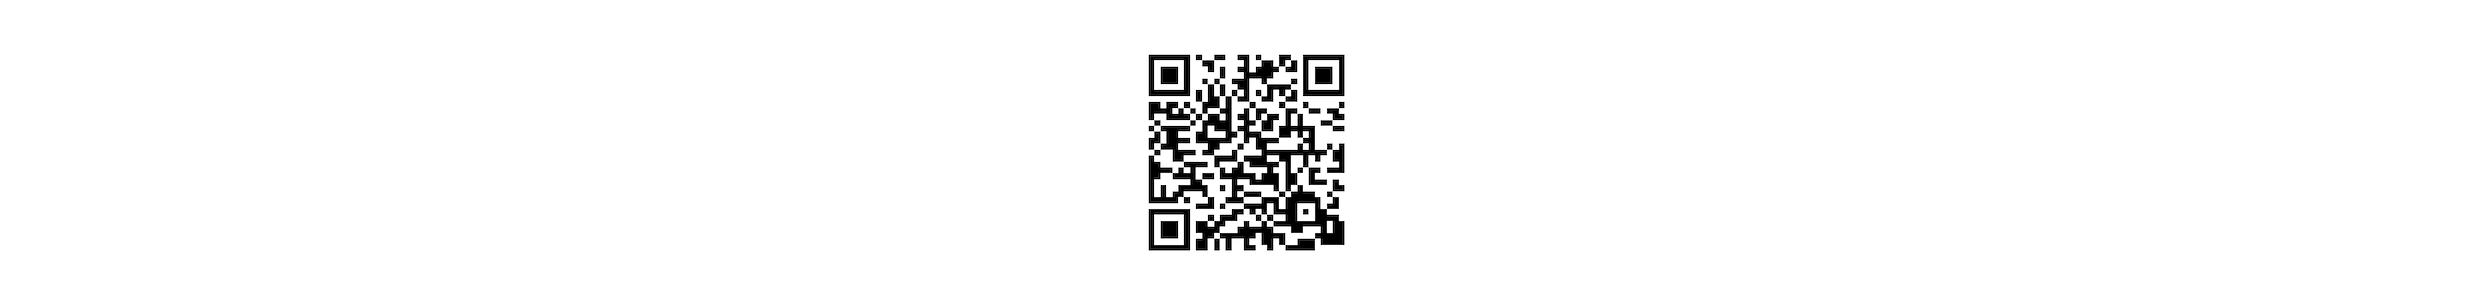 截屏2021-04-19 上午11.33.56.png